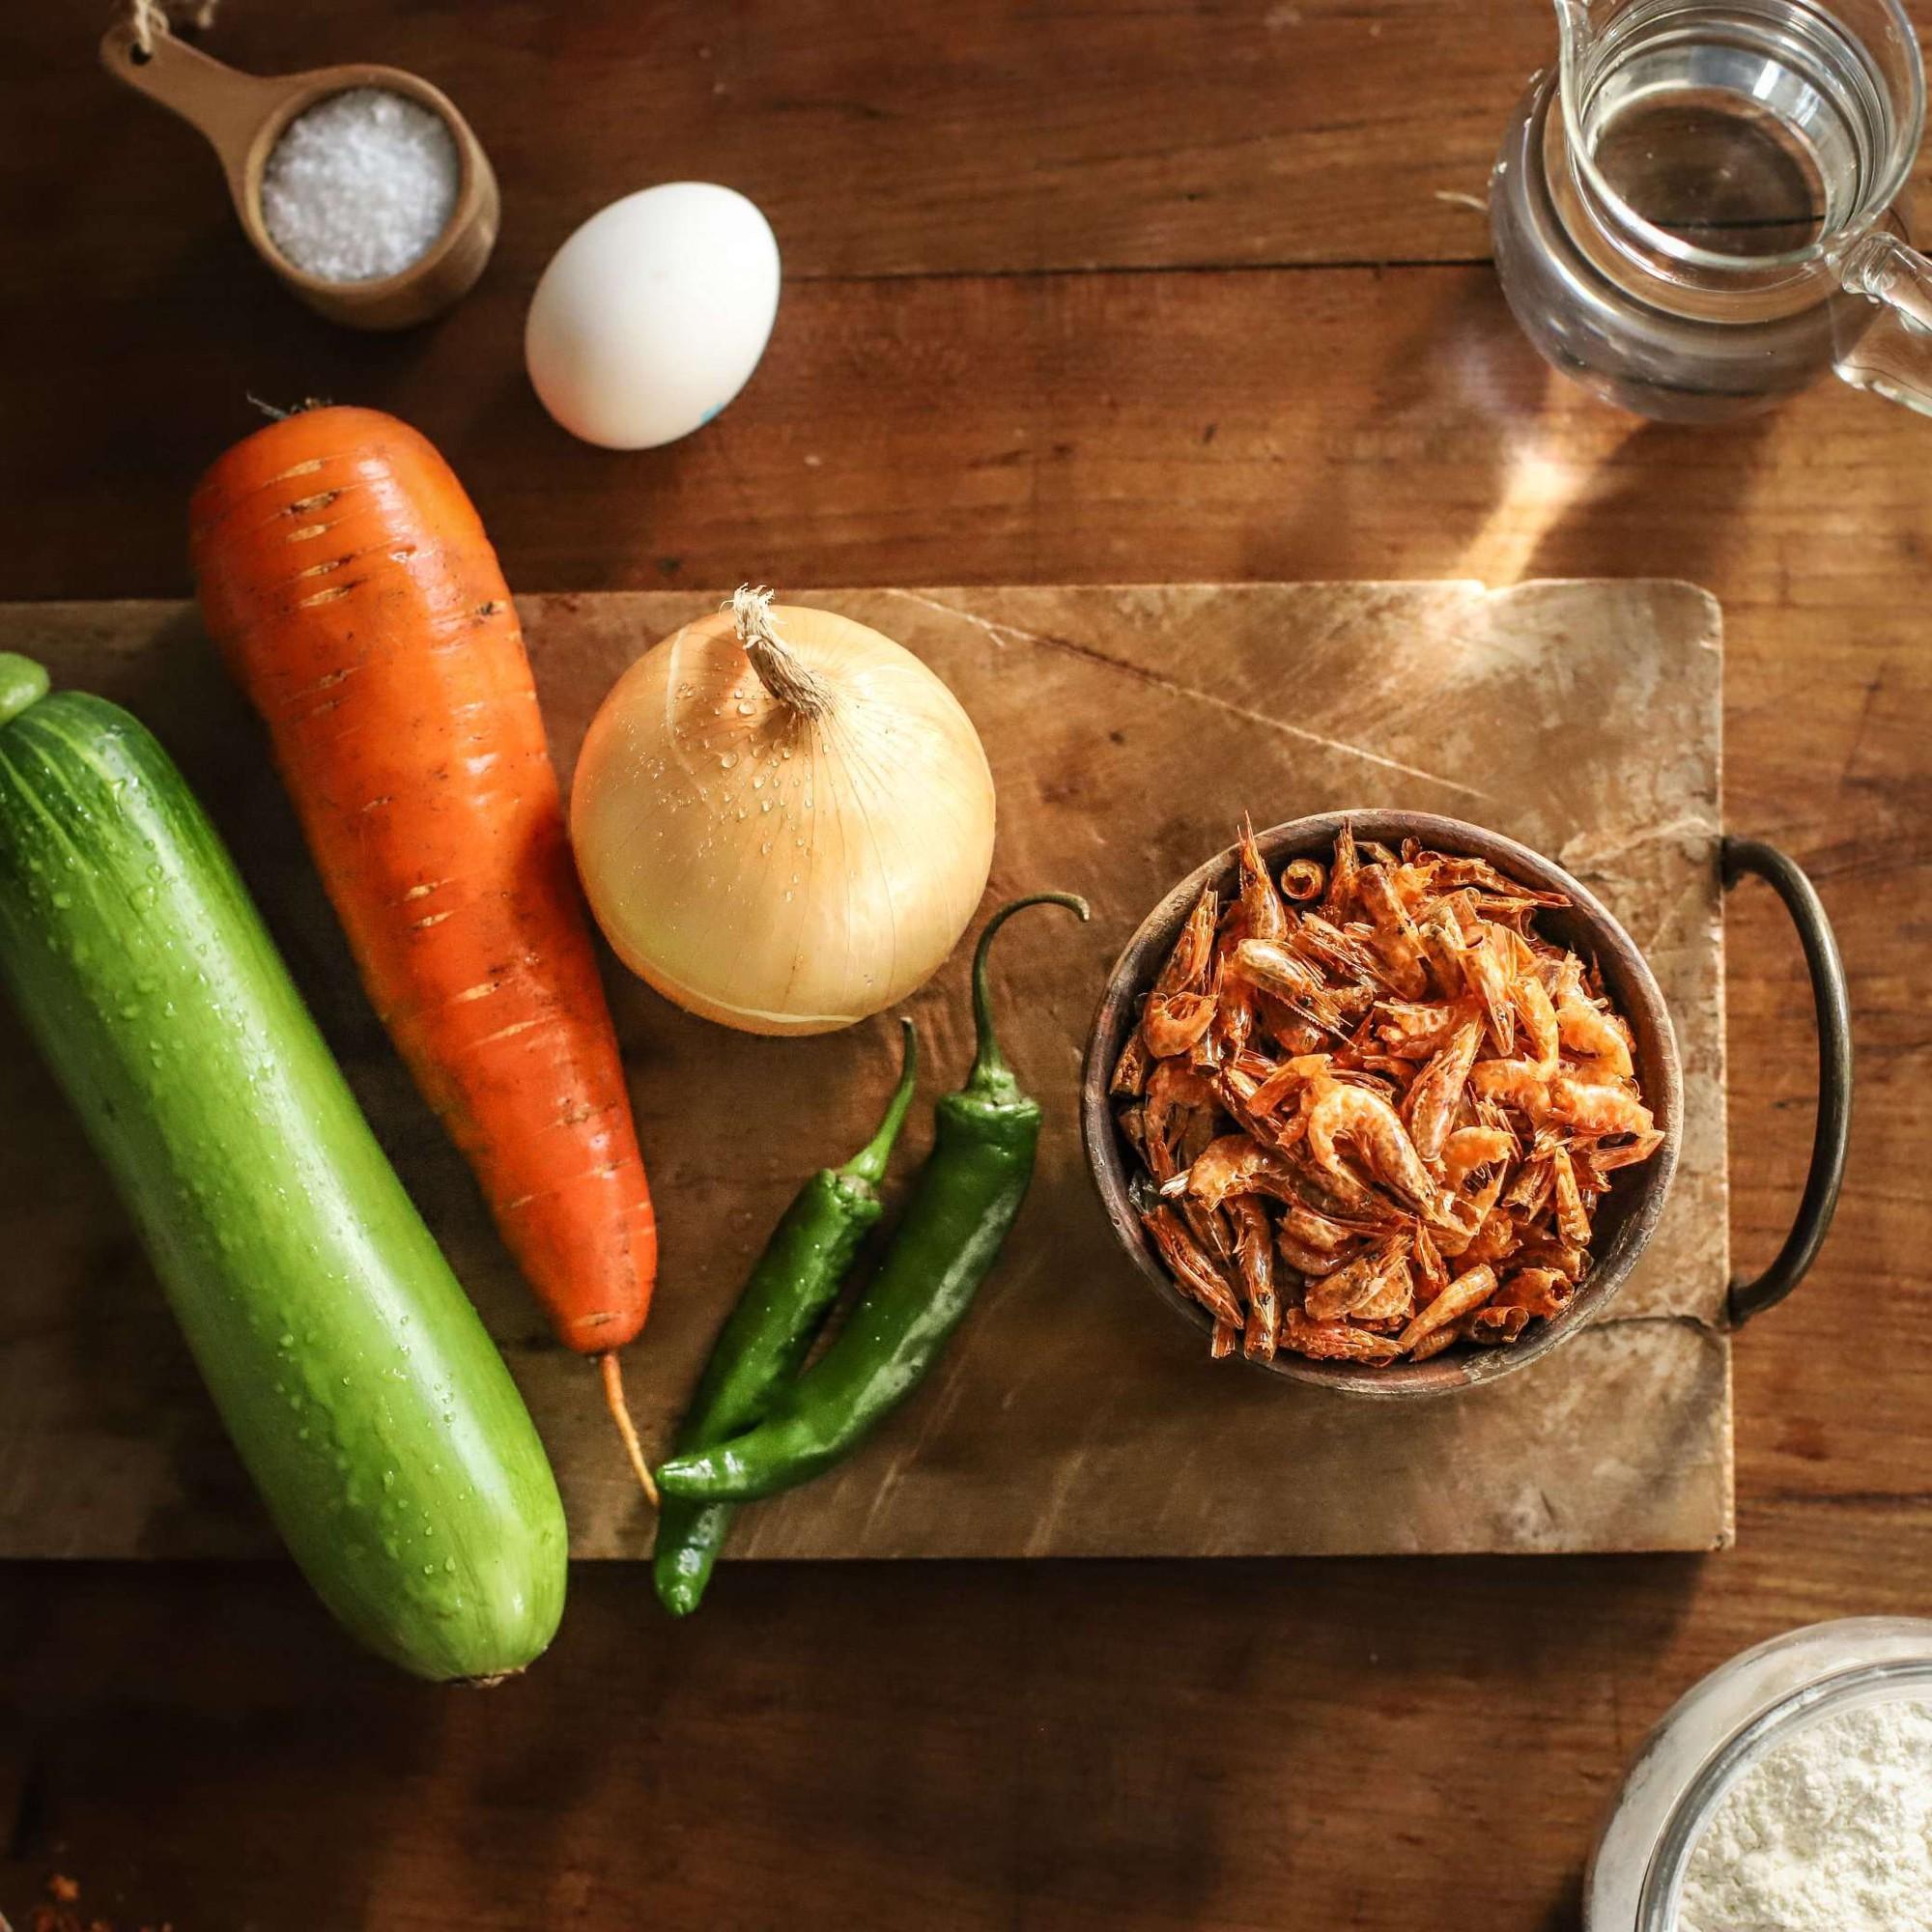 Học người Hàn cách làm bánh tôm dễ như ăn kẹo mà ngon lạ thử một lần là mê - Ảnh 1.